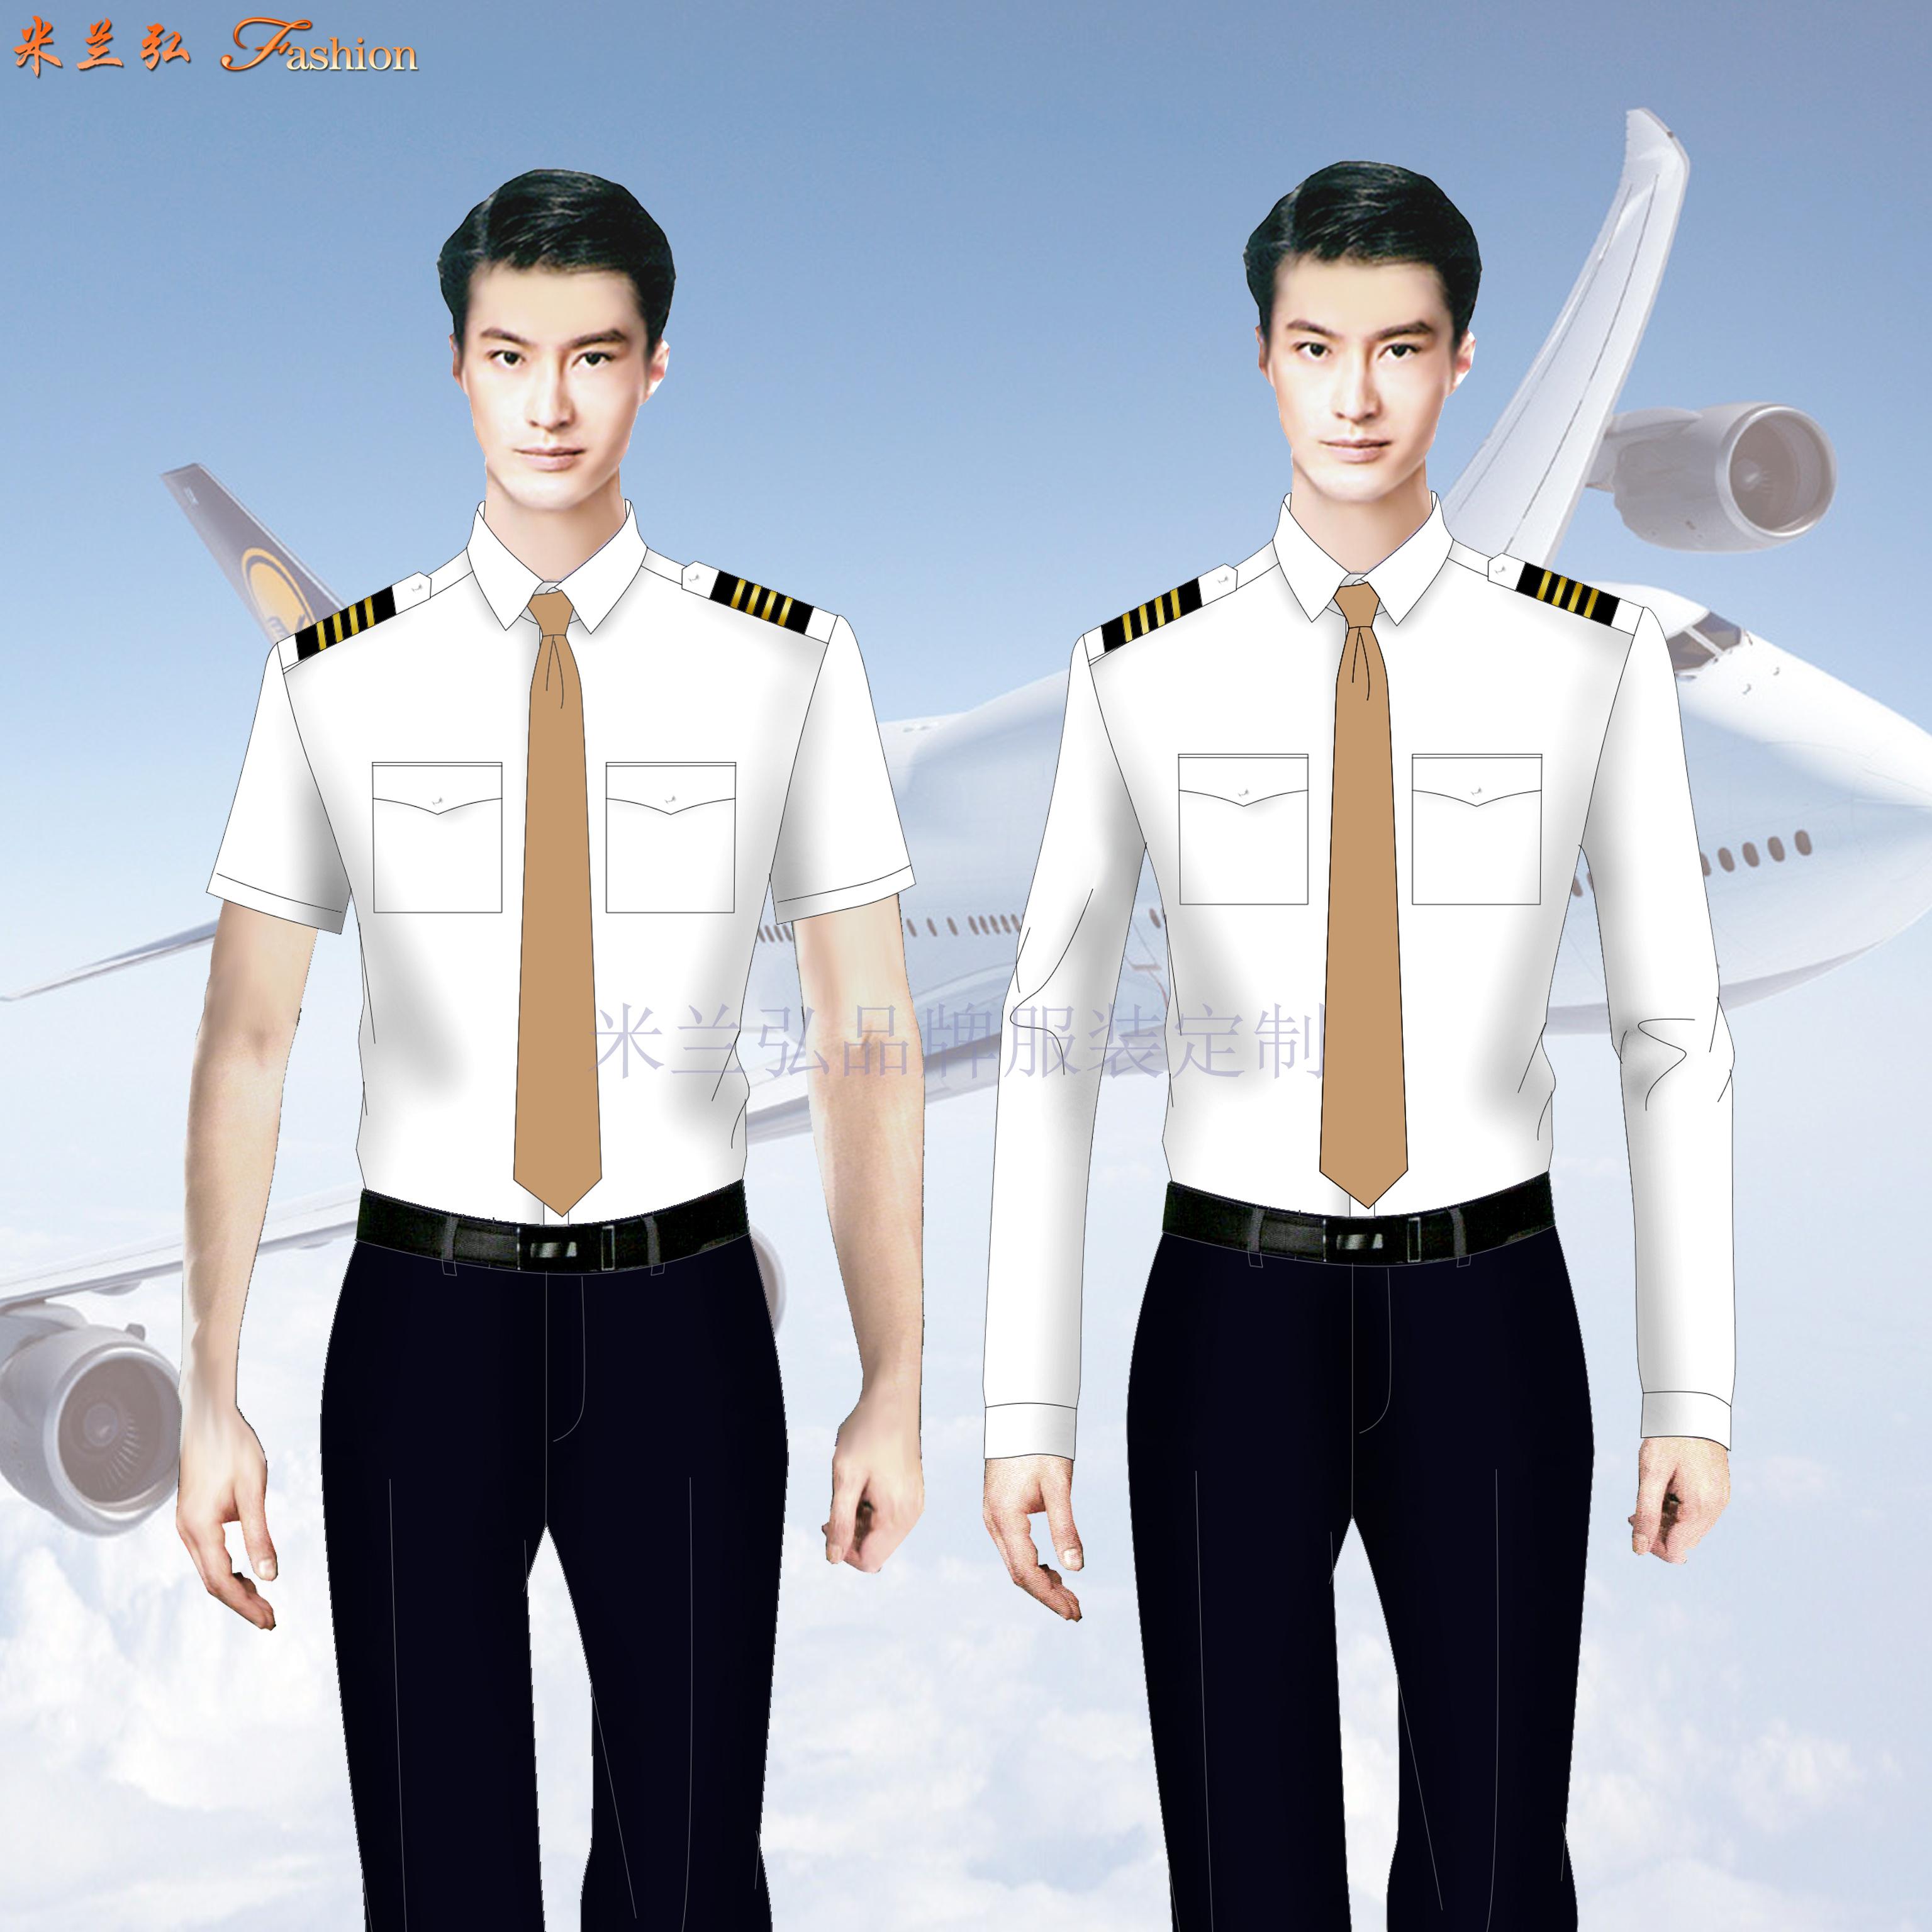 「天津空乘服裝定做」圖片_價格_流程_麵料_公司-最新送体验金网站空姐服-5